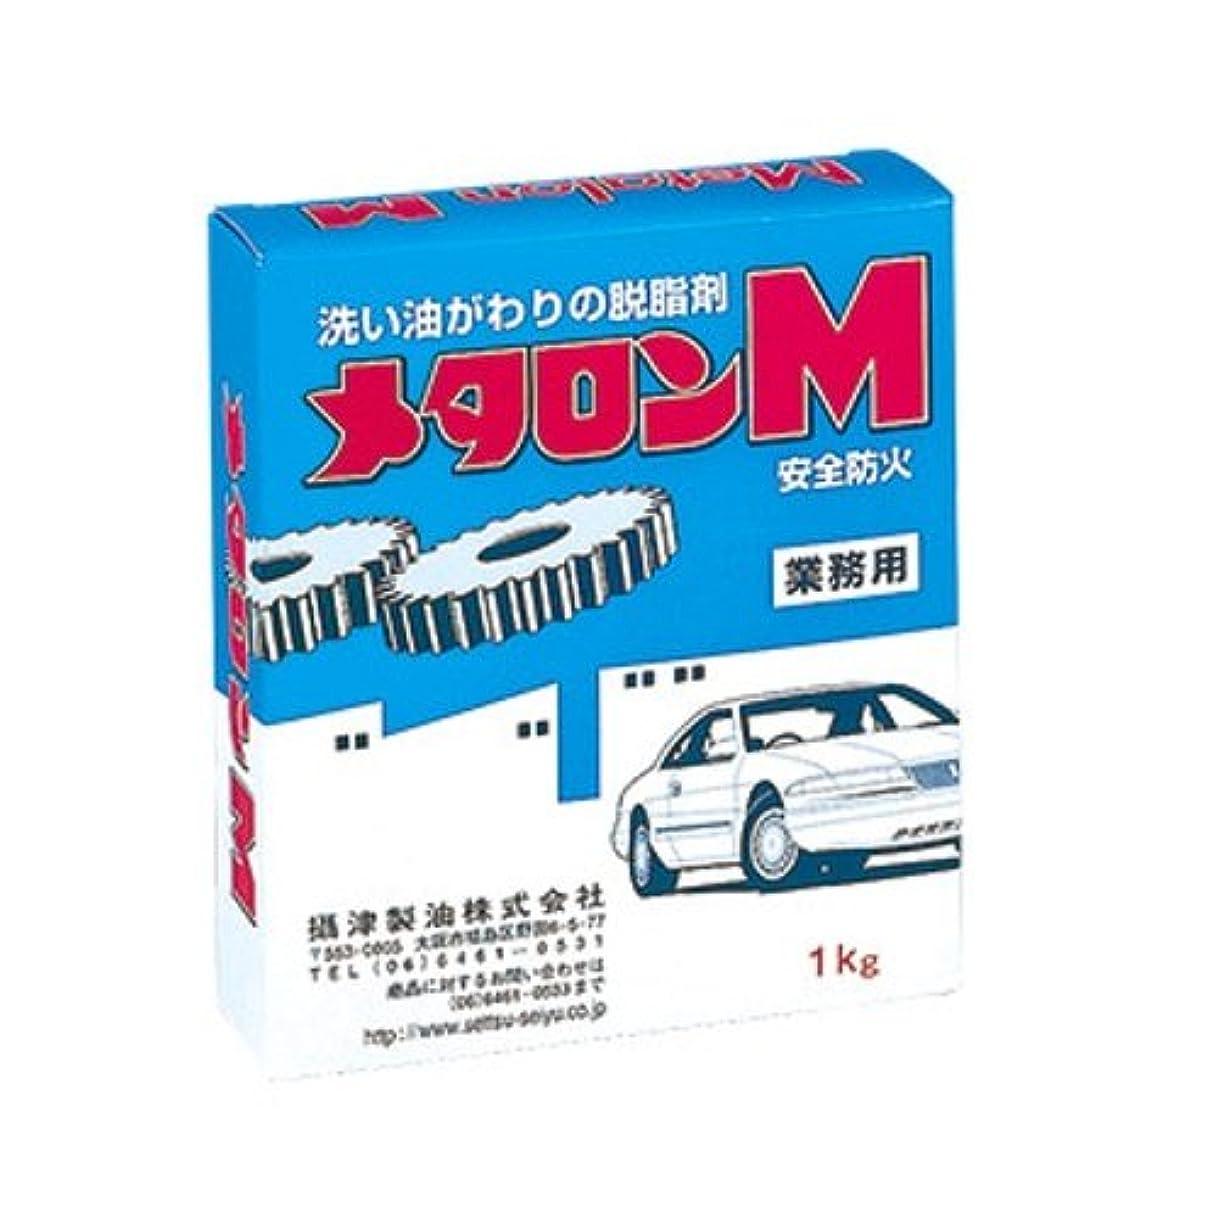 競争力のある到着するファシズム【ケース販売】摂津製油 メタロンM 20個